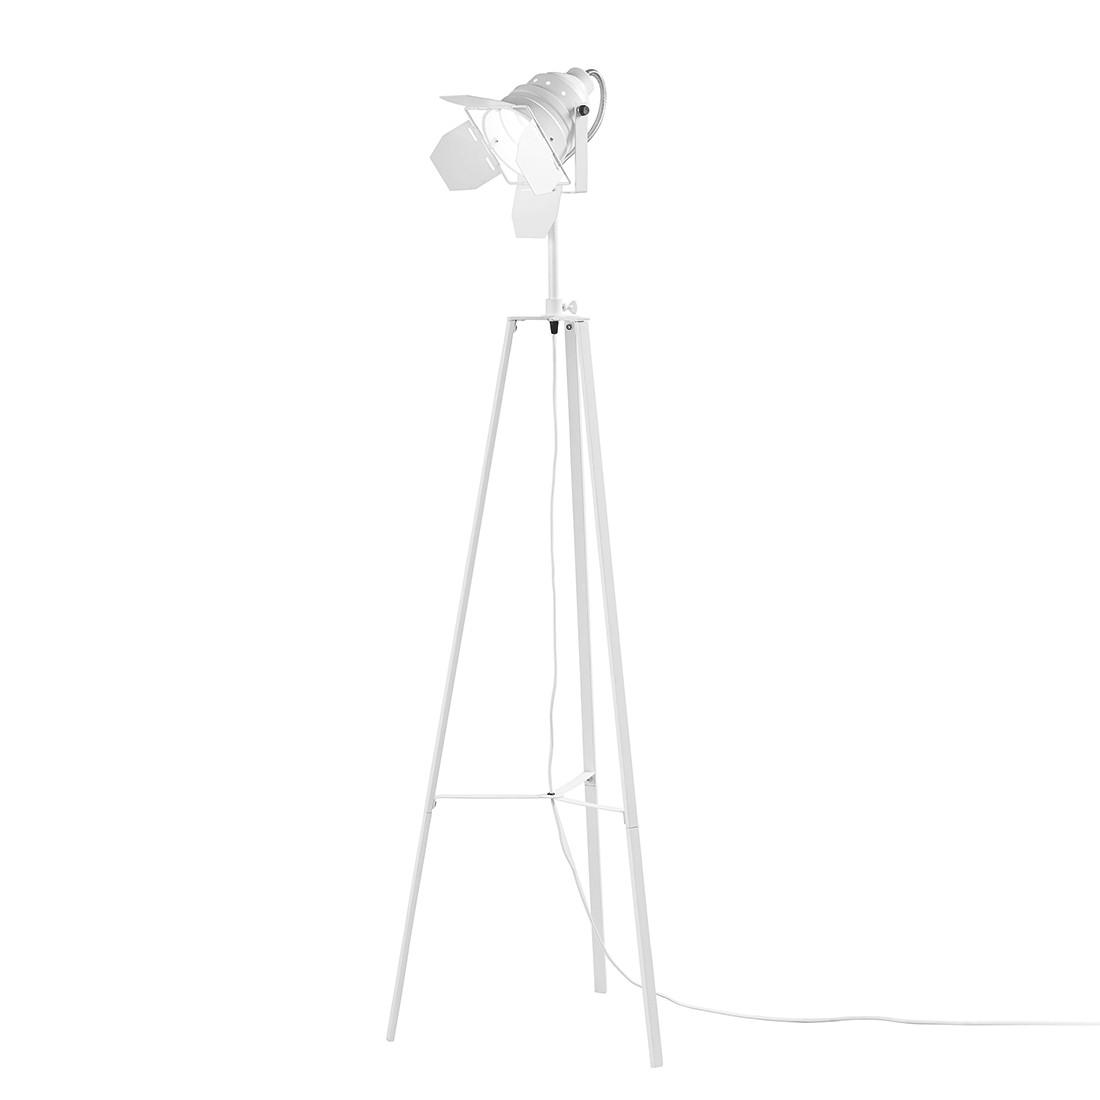 EEK A++, Lampadaire Togh by Julià - Métal 1 ampoule, loftscape